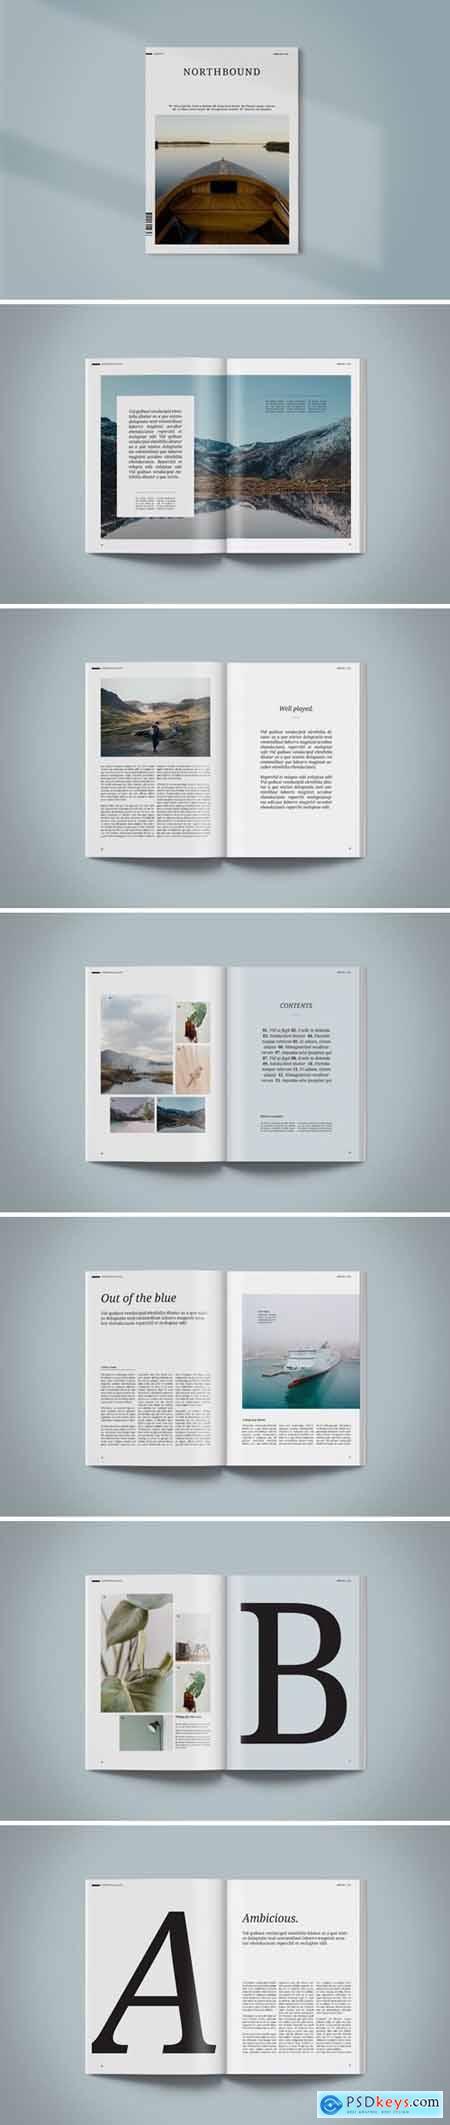 Magazine Template - Northbound